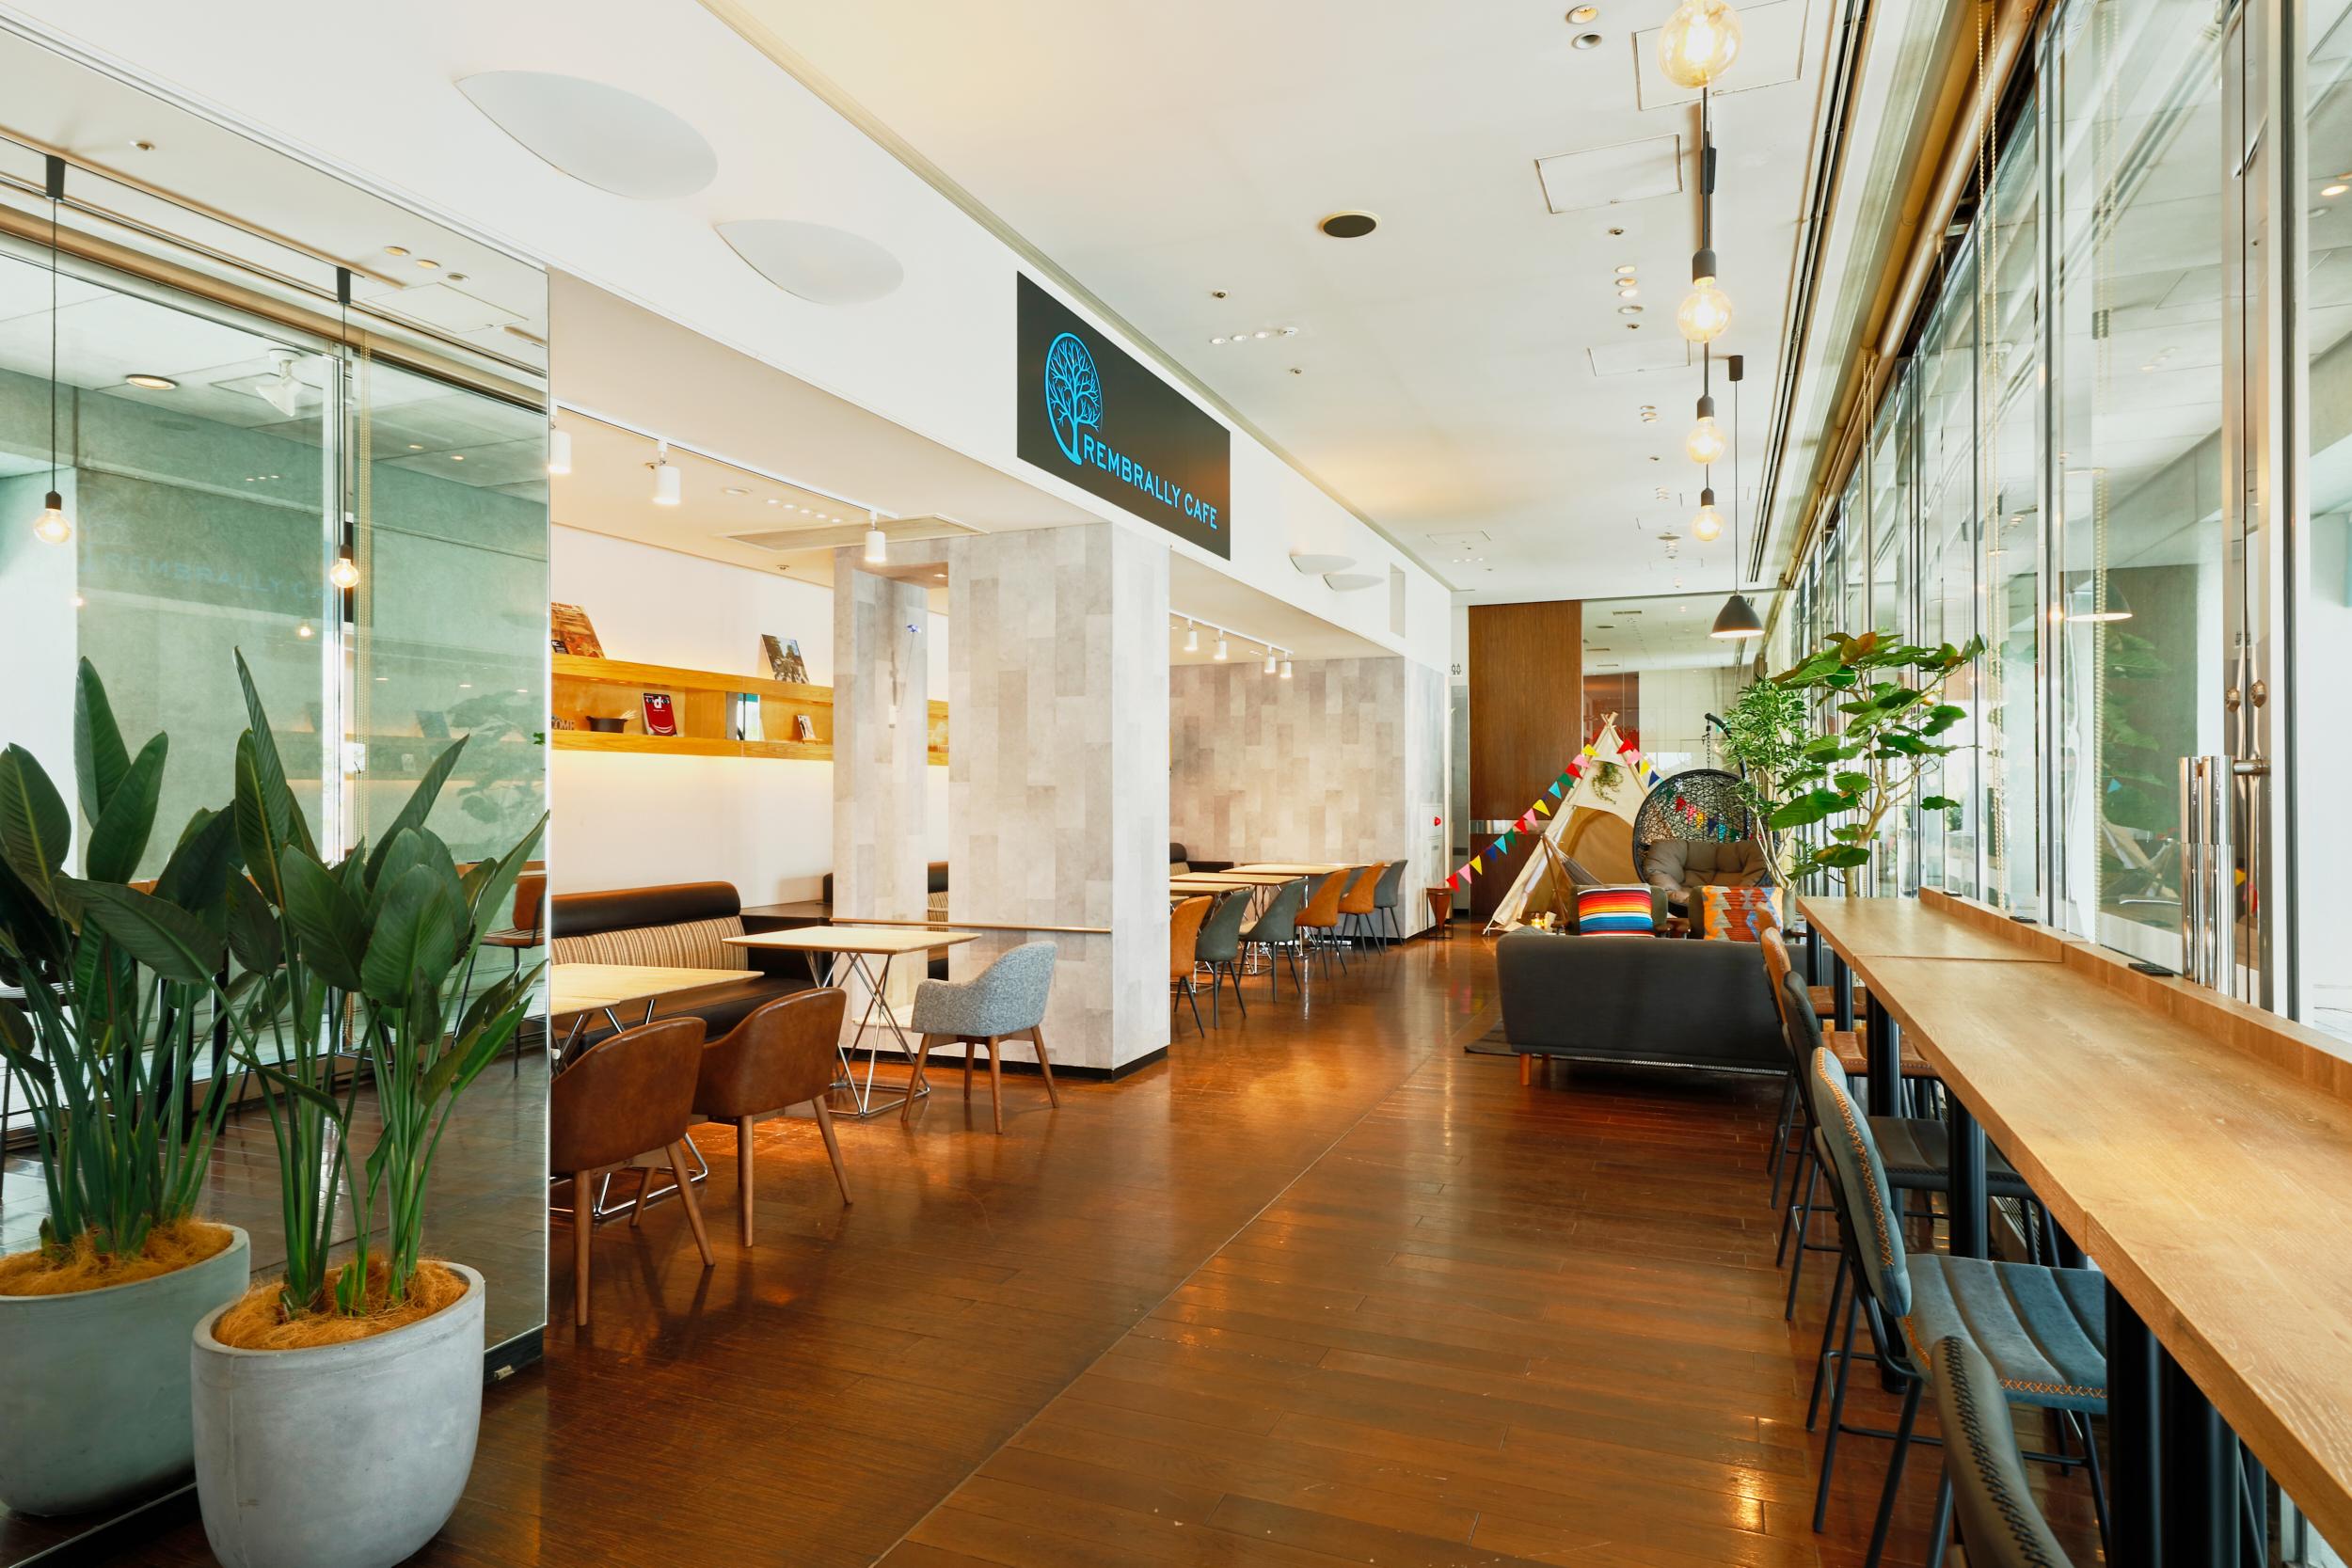 海老名でテレワークなら!非対面接客型の時間制カフェ「レンブラリーカフェ」を体験取材してきた(レンブラントホテル 海老名)